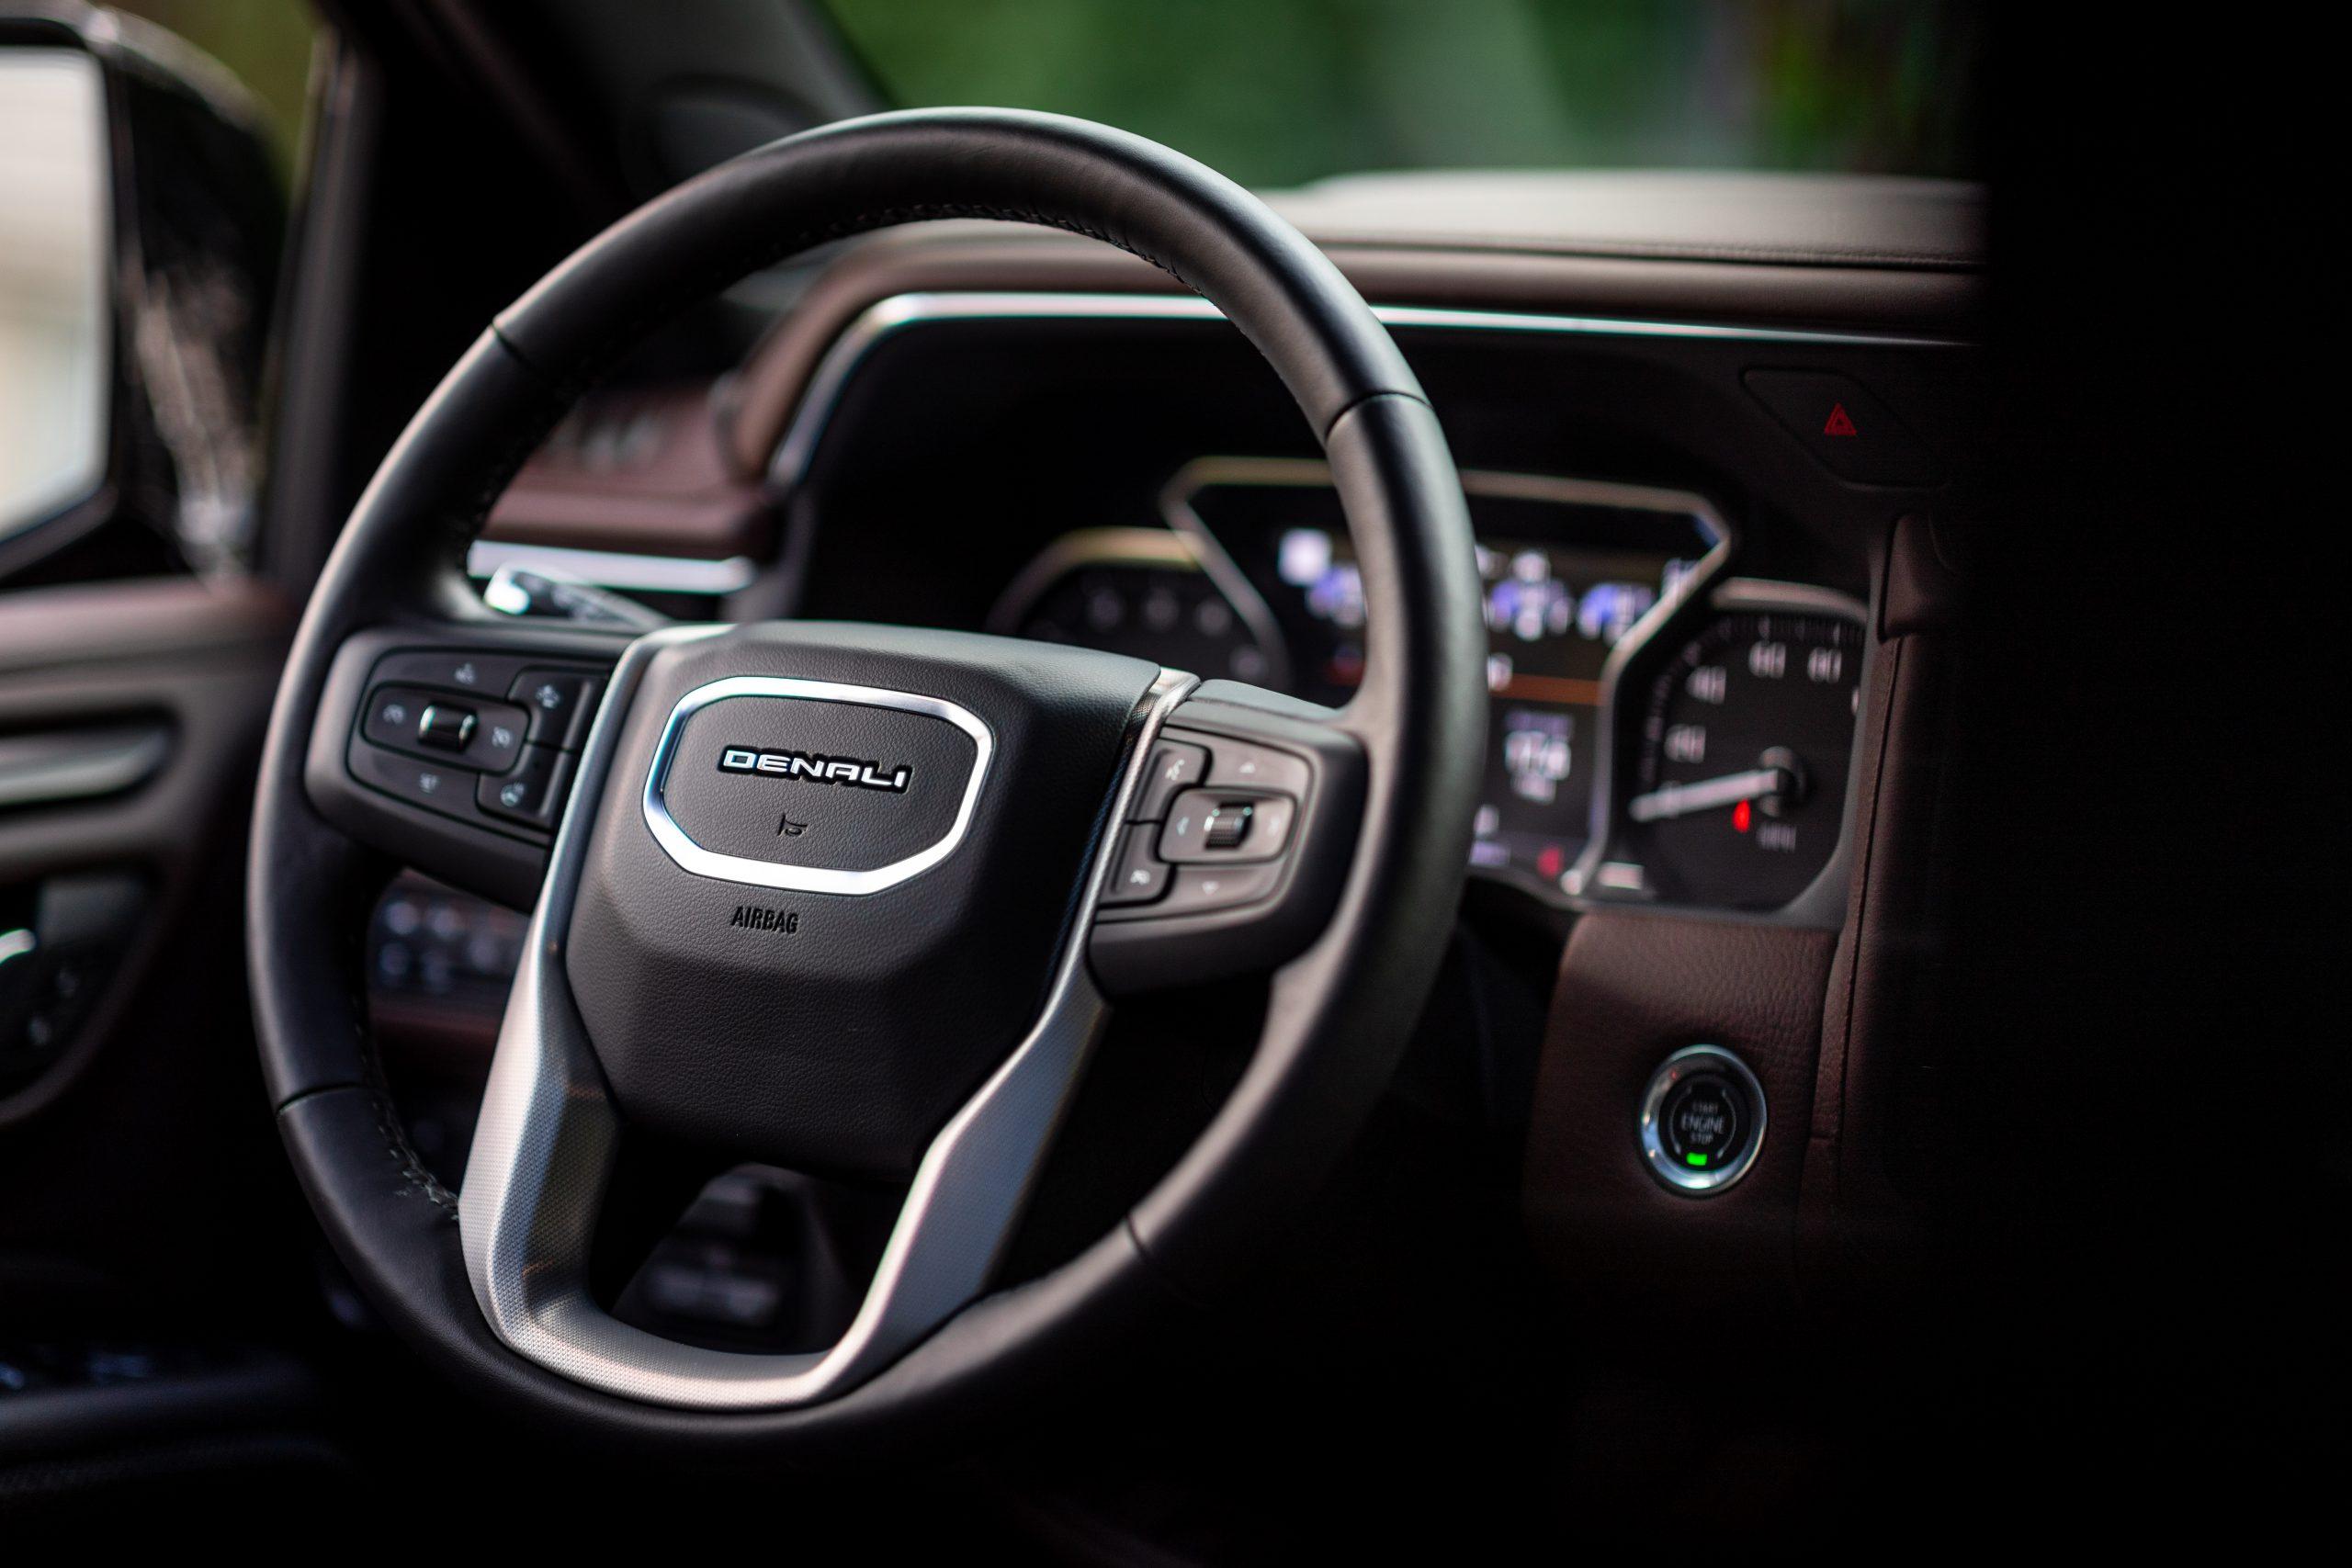 2021 Yukon Denali steering wheel round two